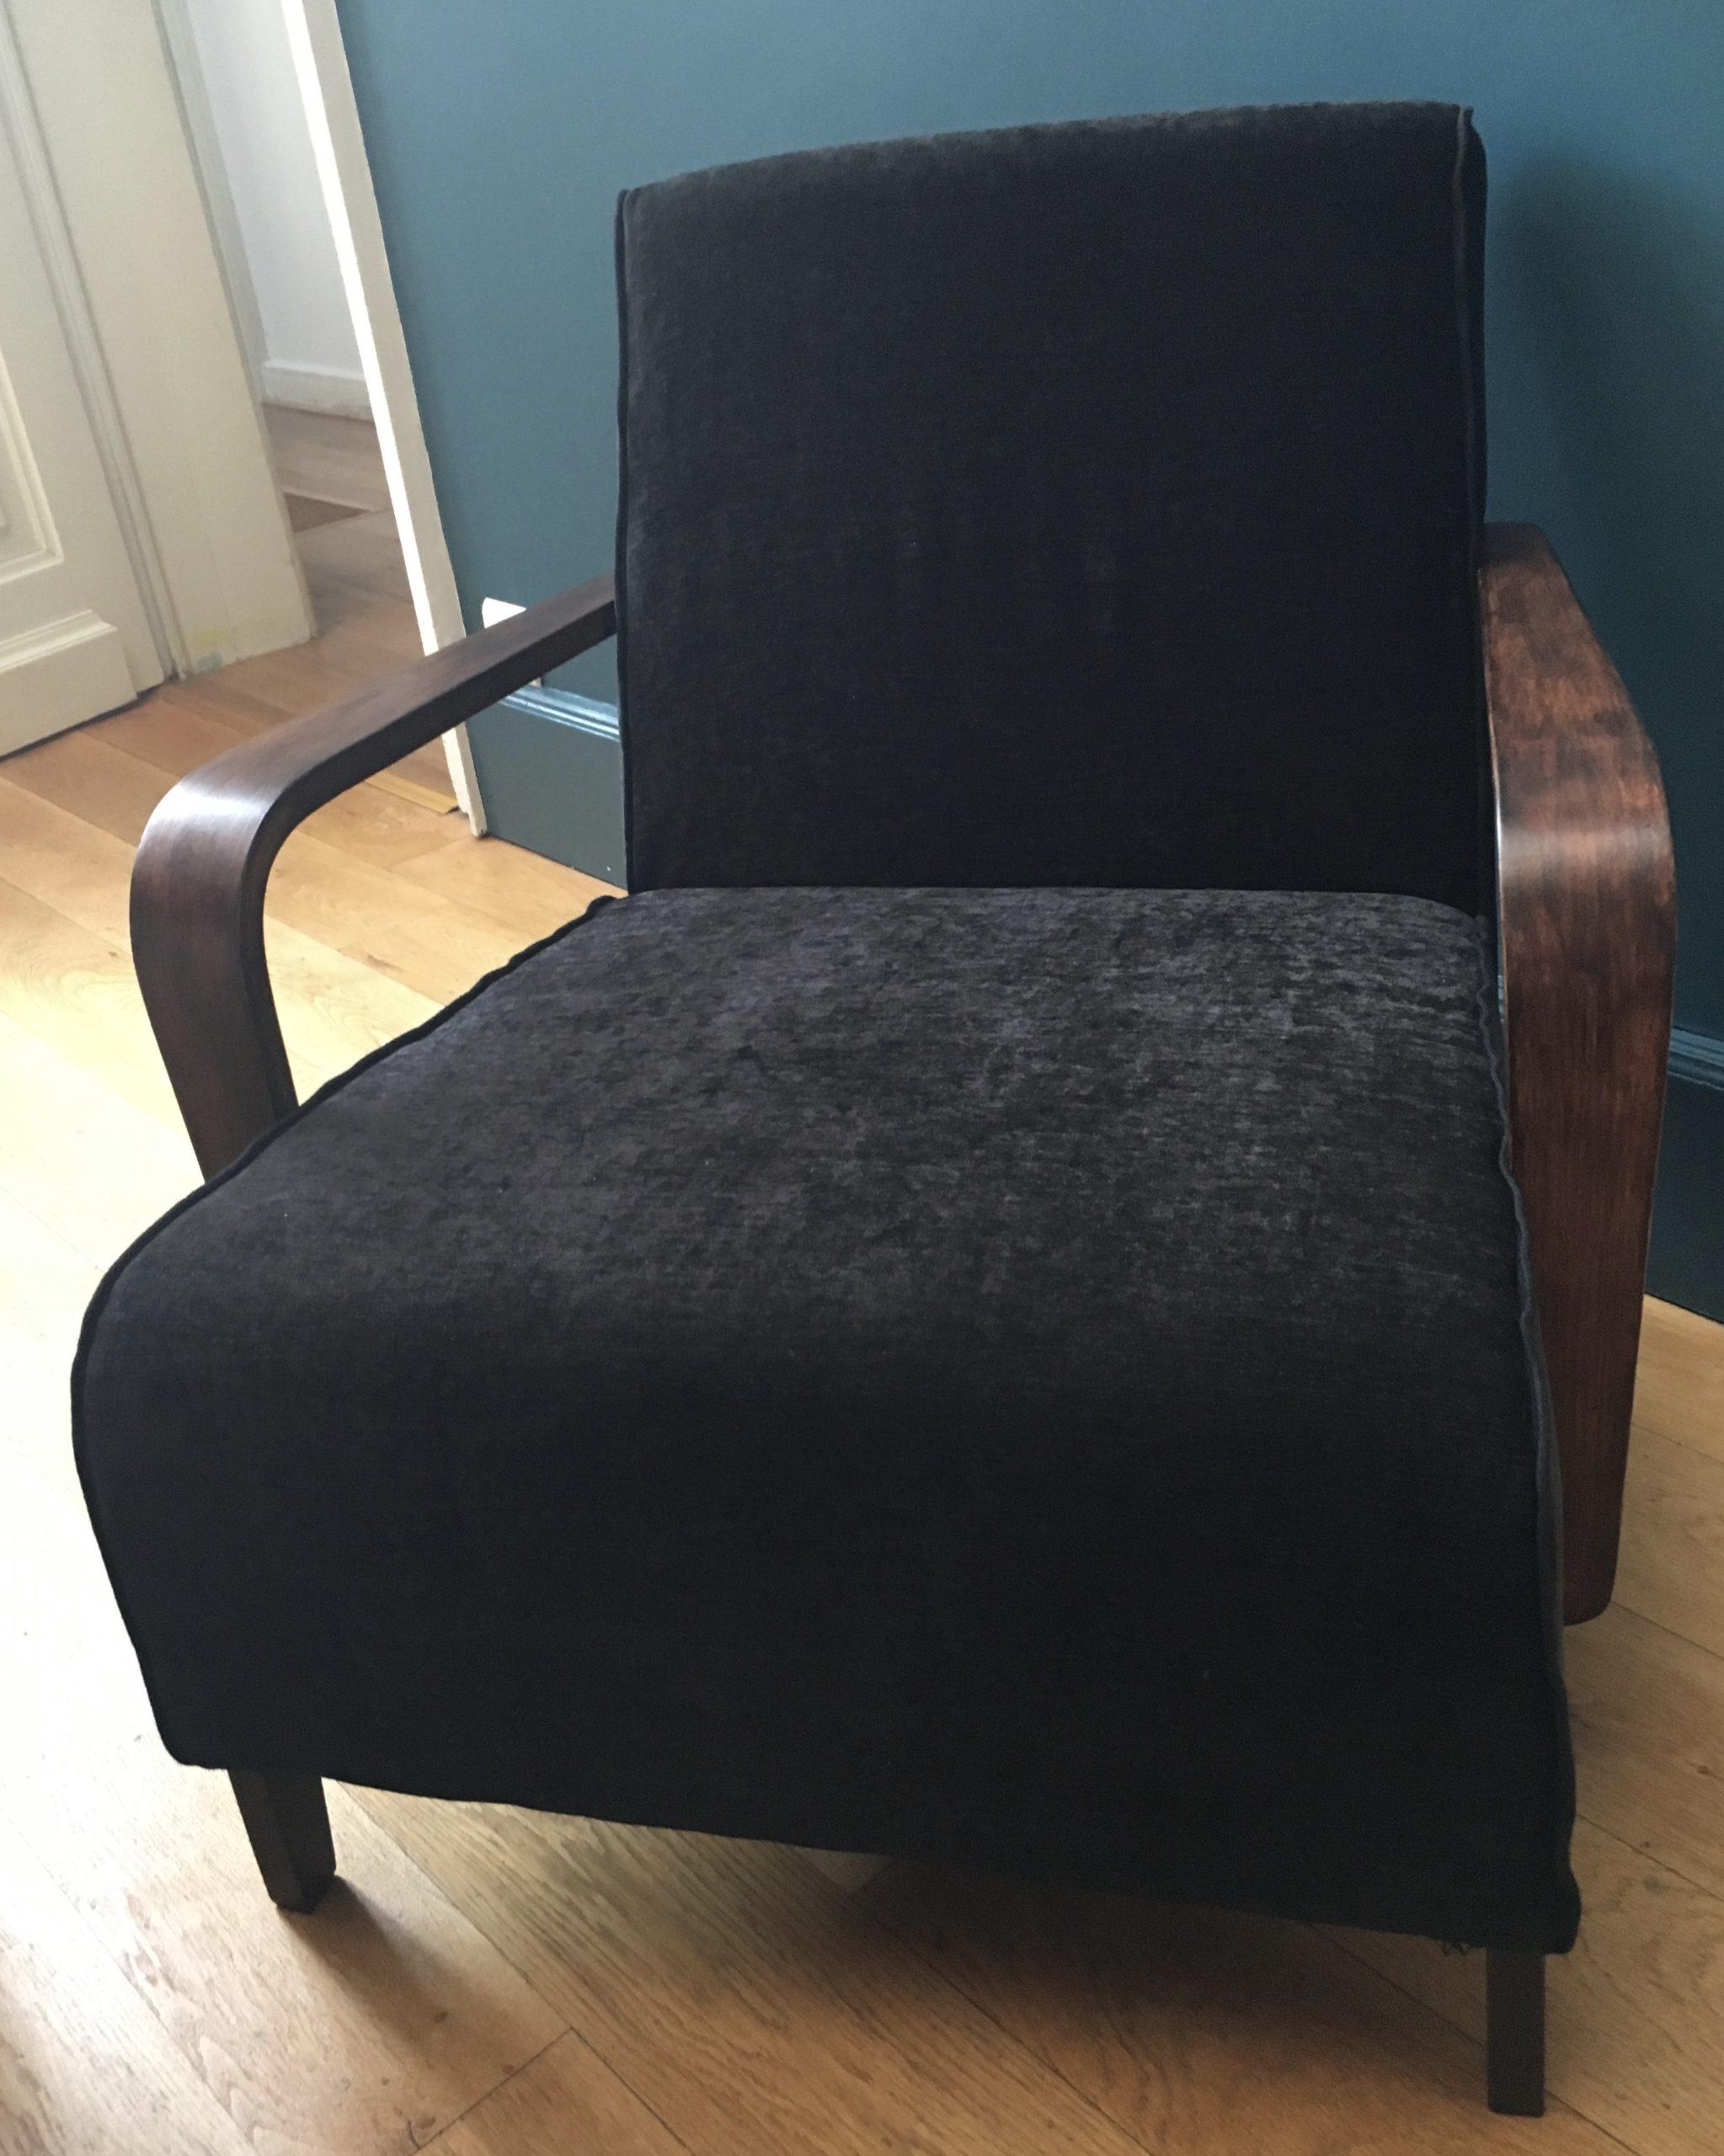 réfection d'une fauteuil style scandinave decoration Elahe Deco Lille Haut de France